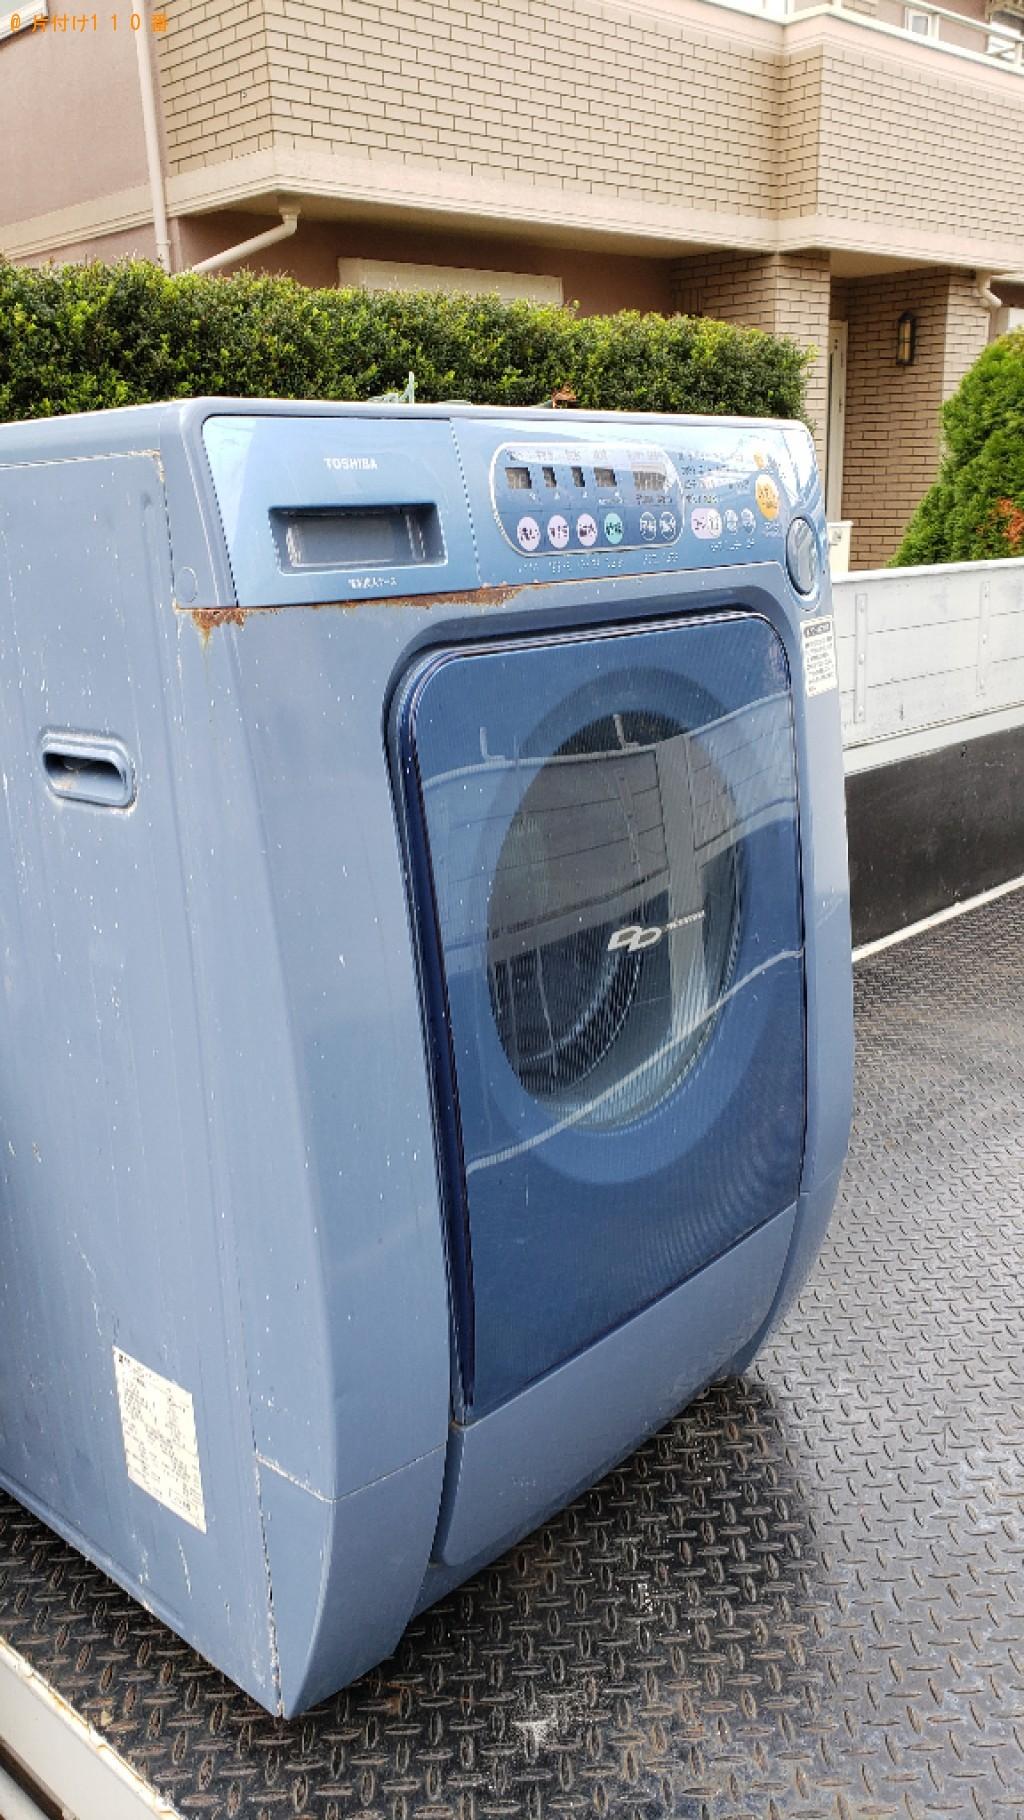 【山形市】ドラム式洗濯機の回収・処分ご依頼 お客様の声